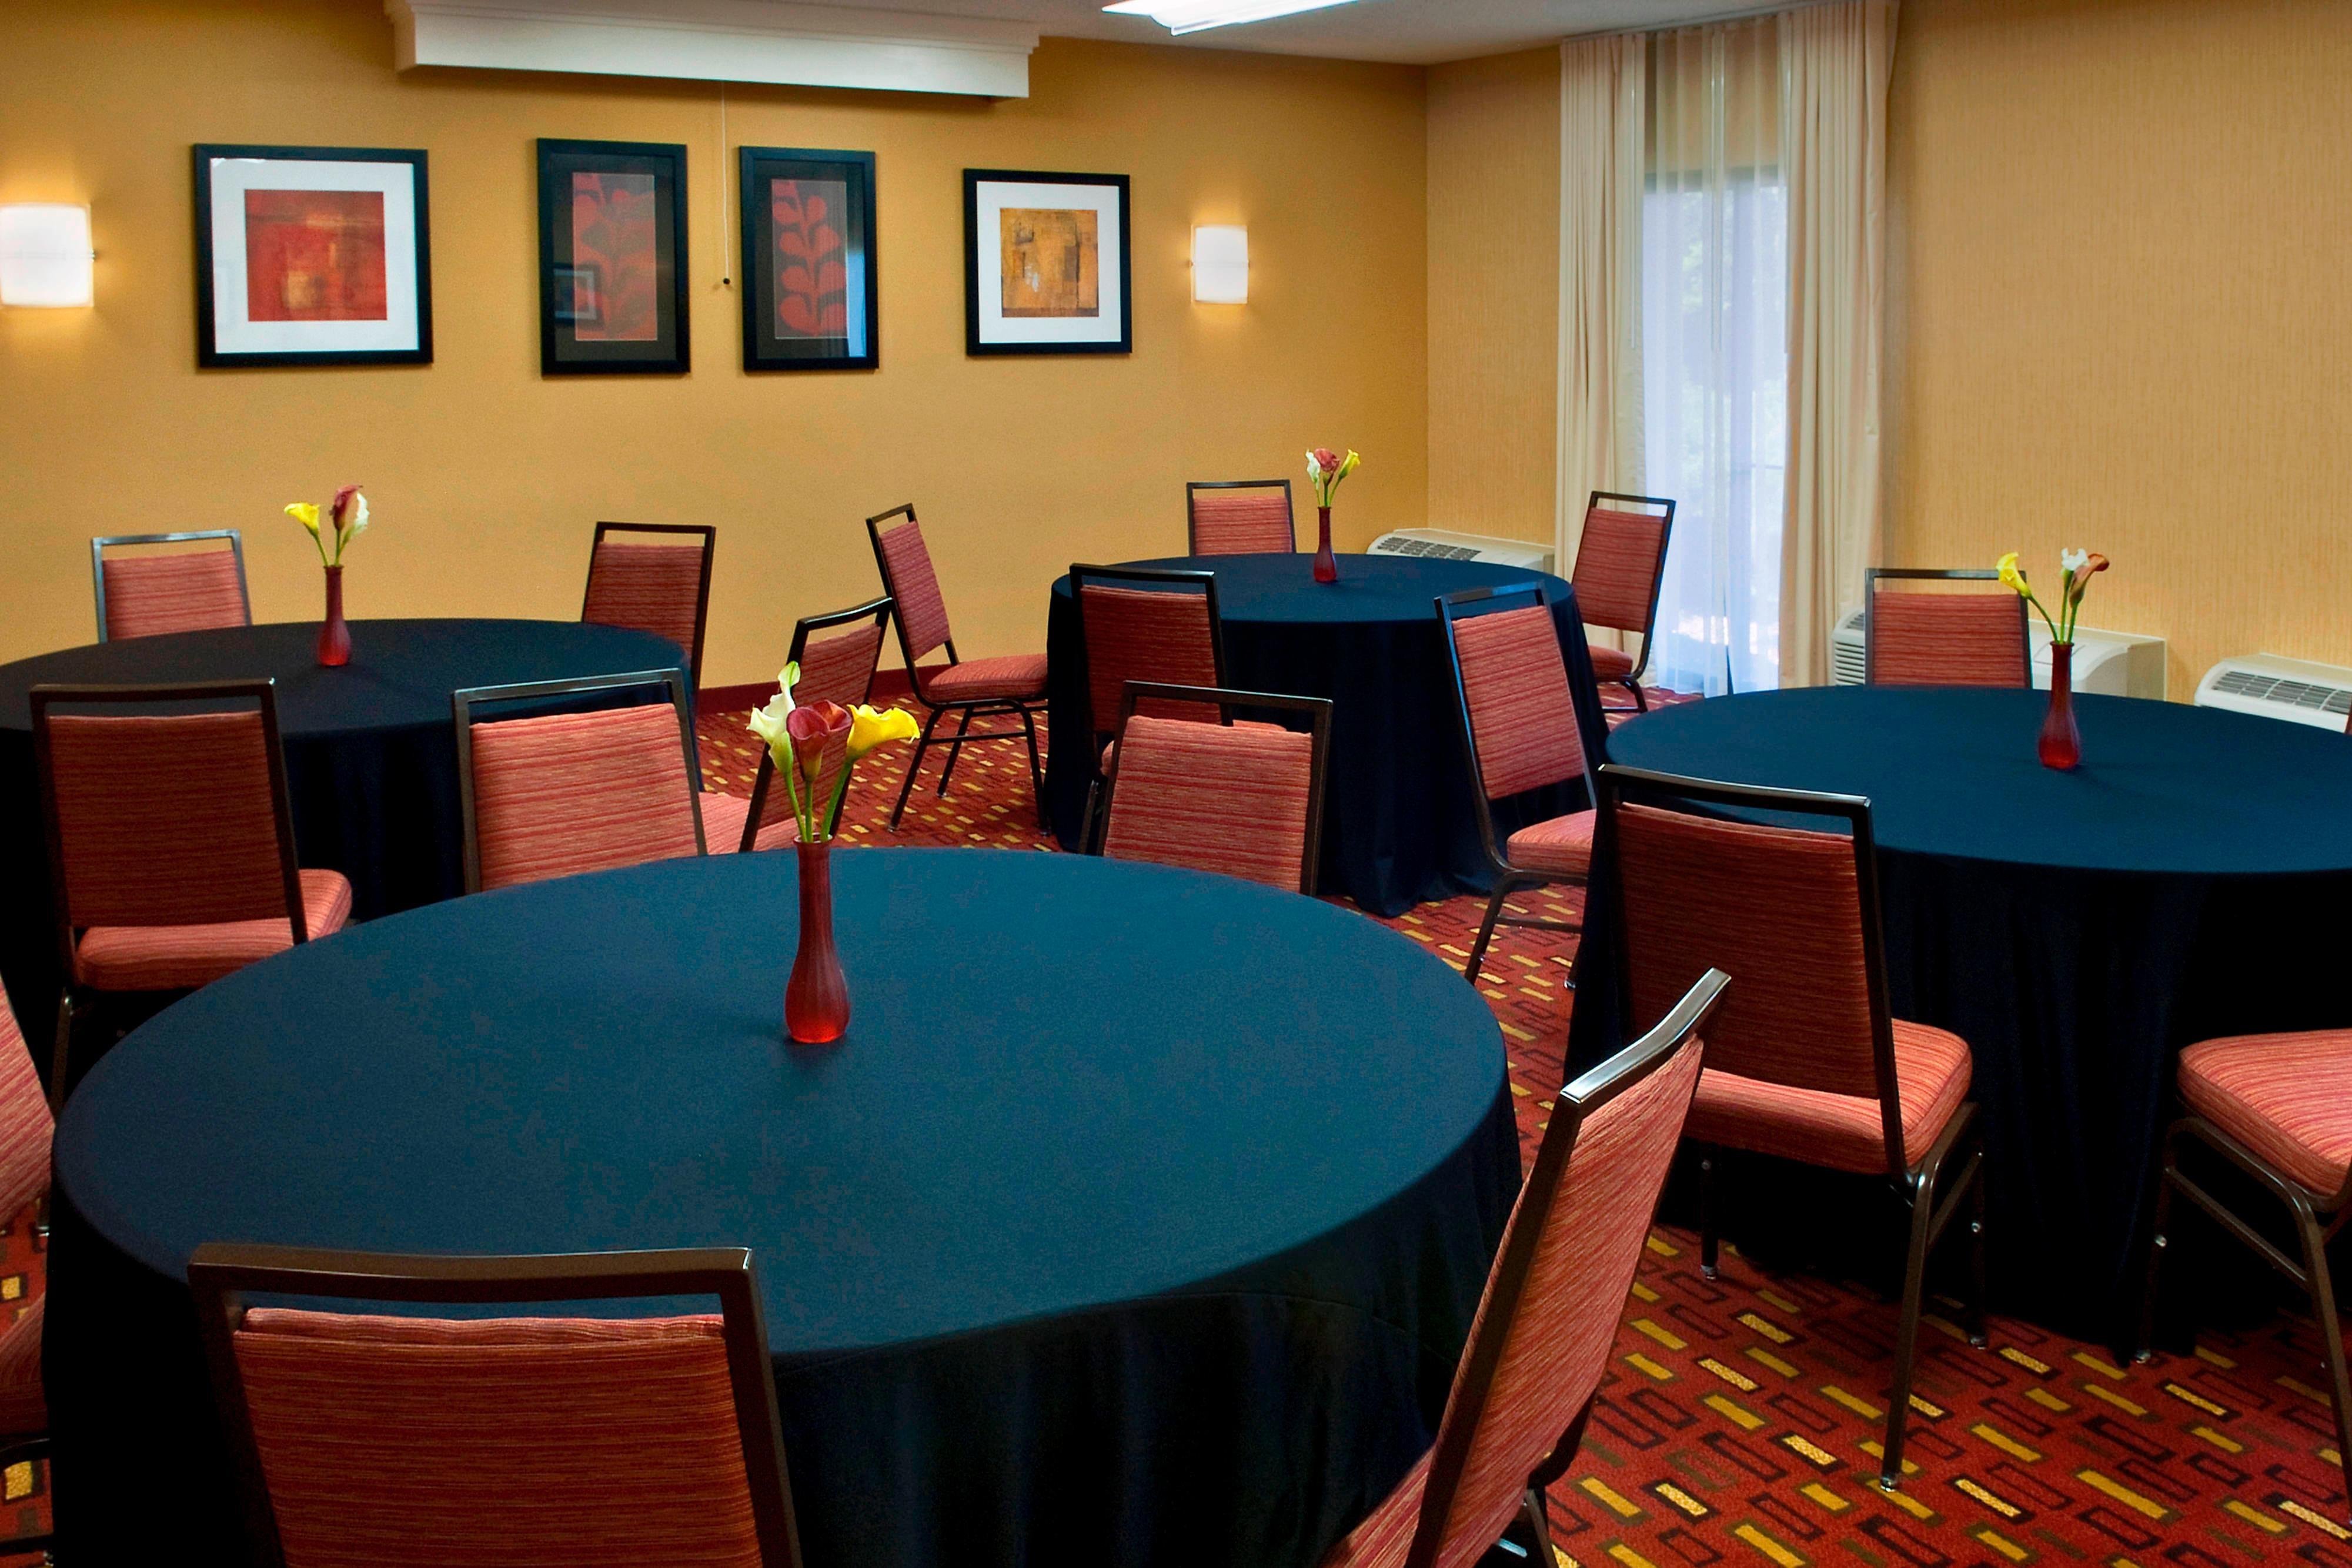 Devon Hotel Banquet